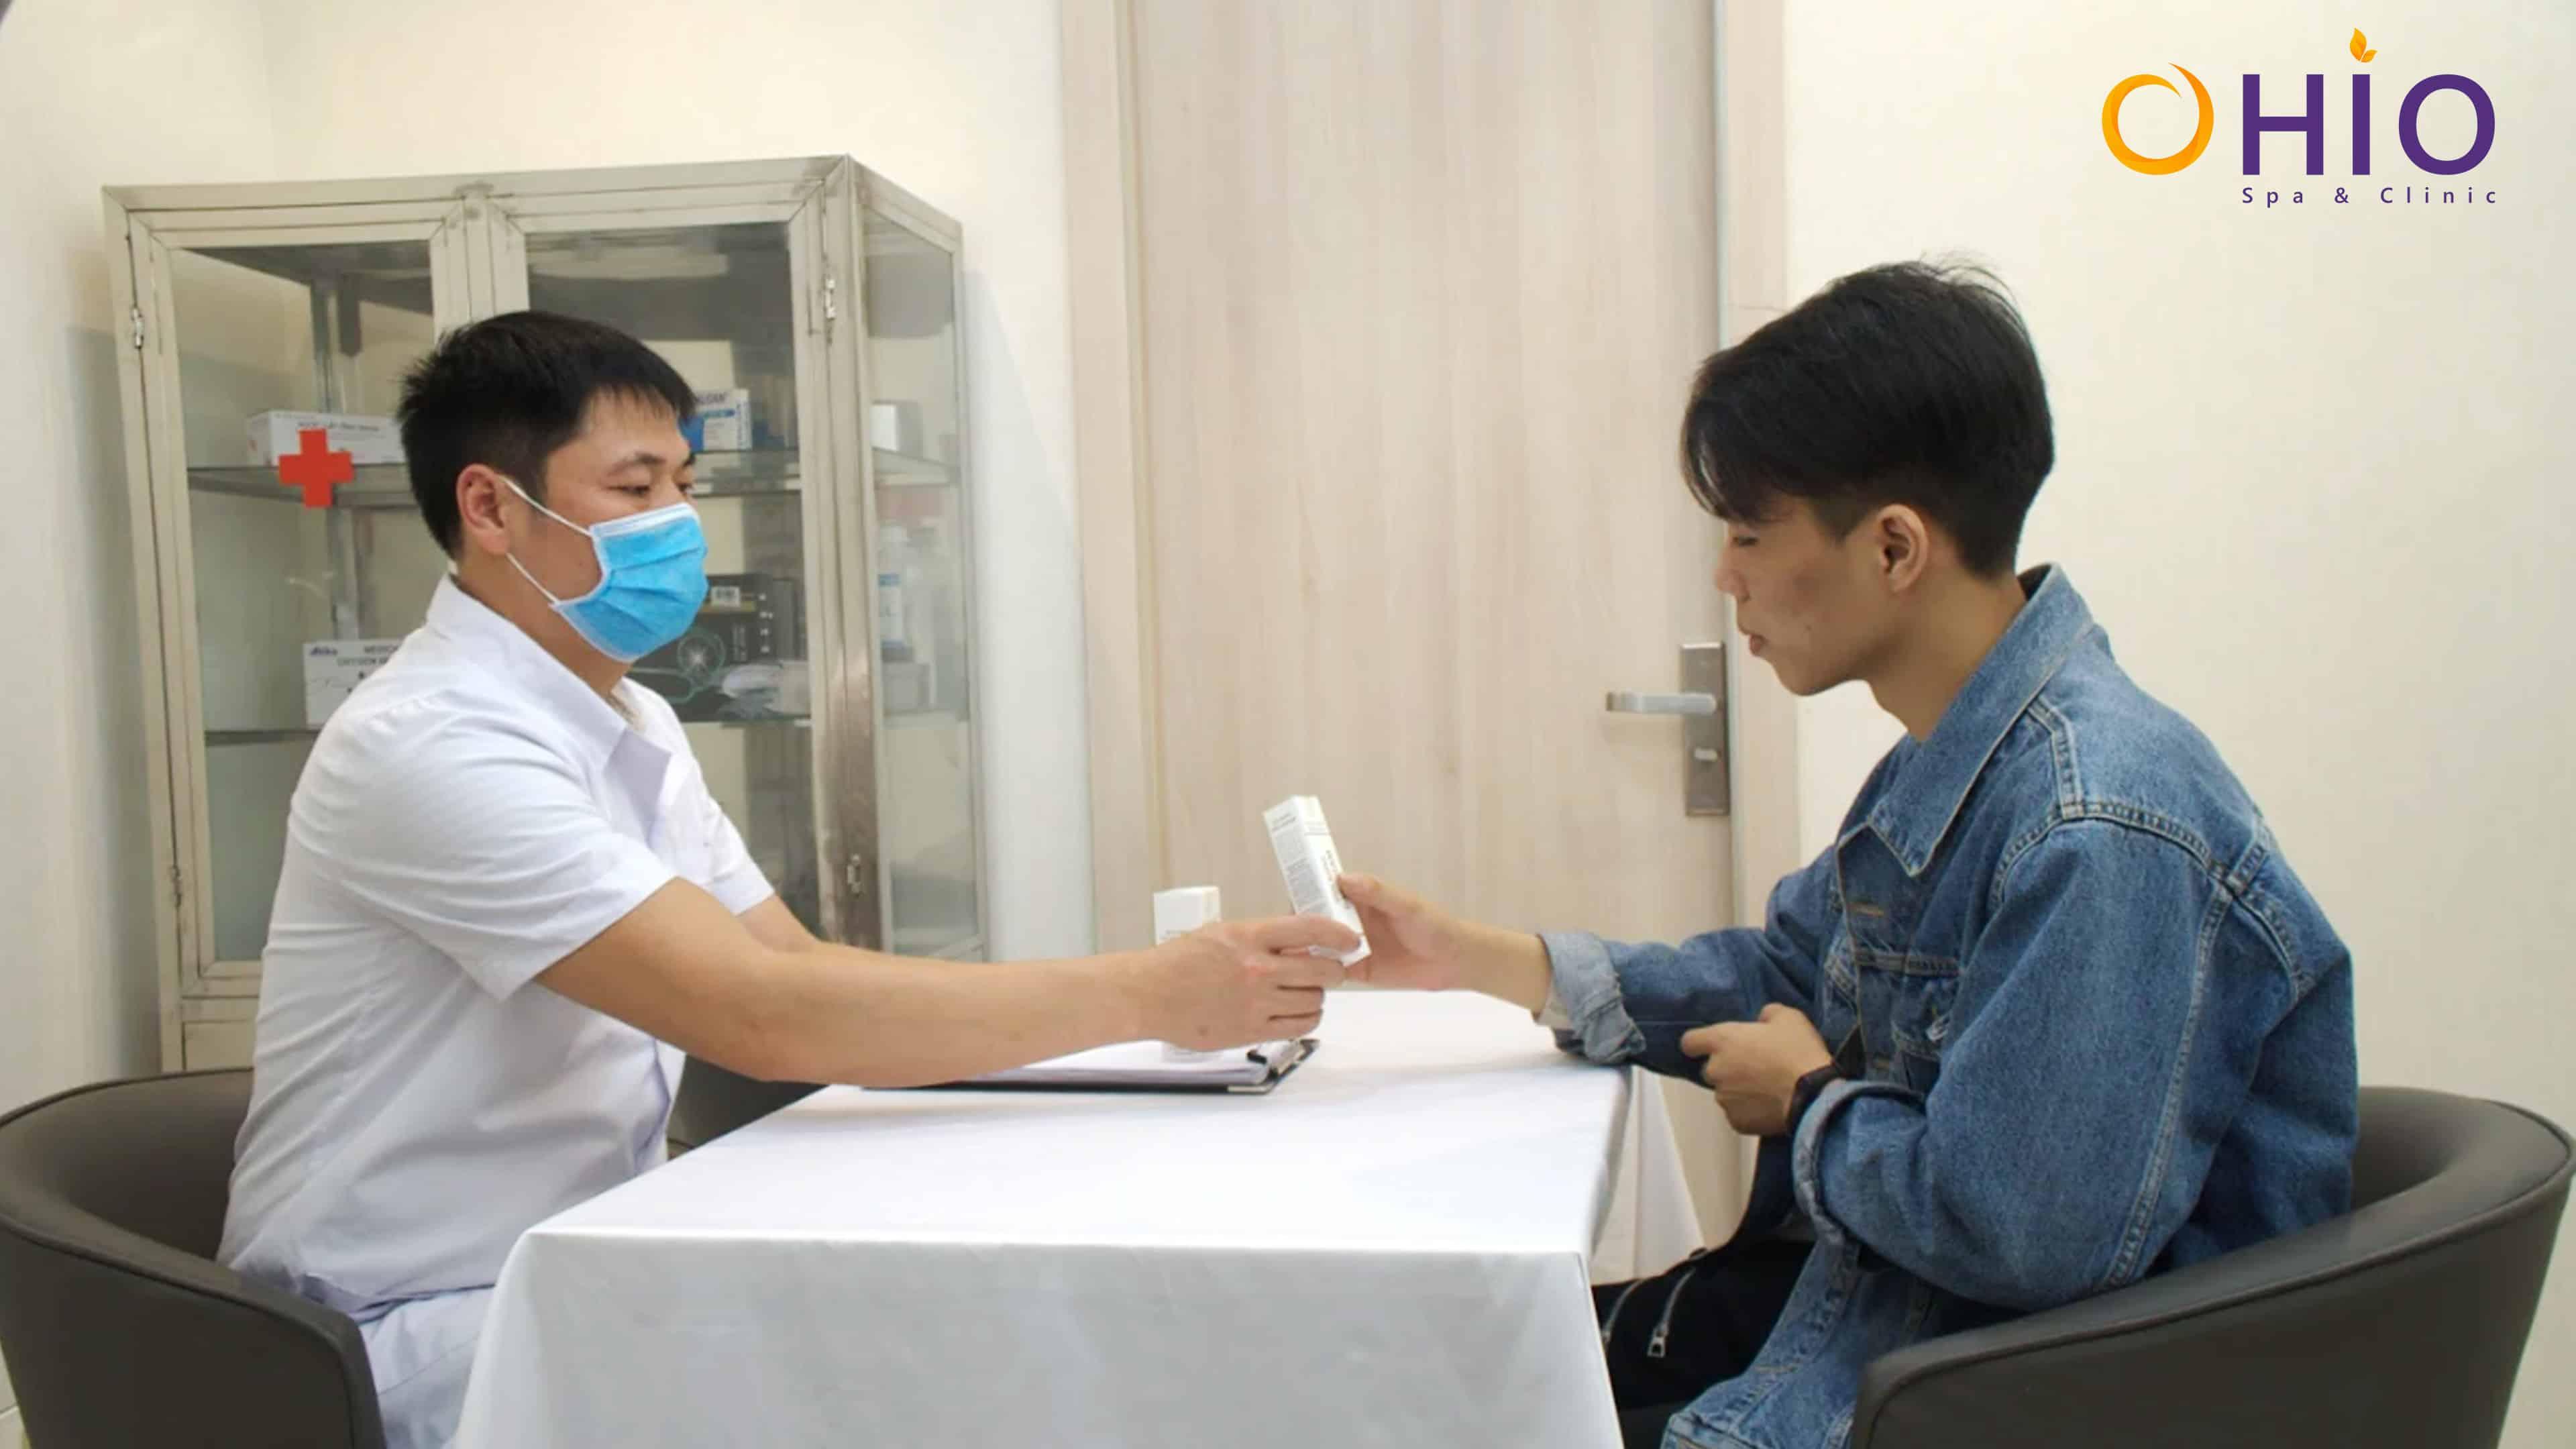 Khách hàng nam đến nhờ tư vấn chữa trị tàn nhang trên mặt